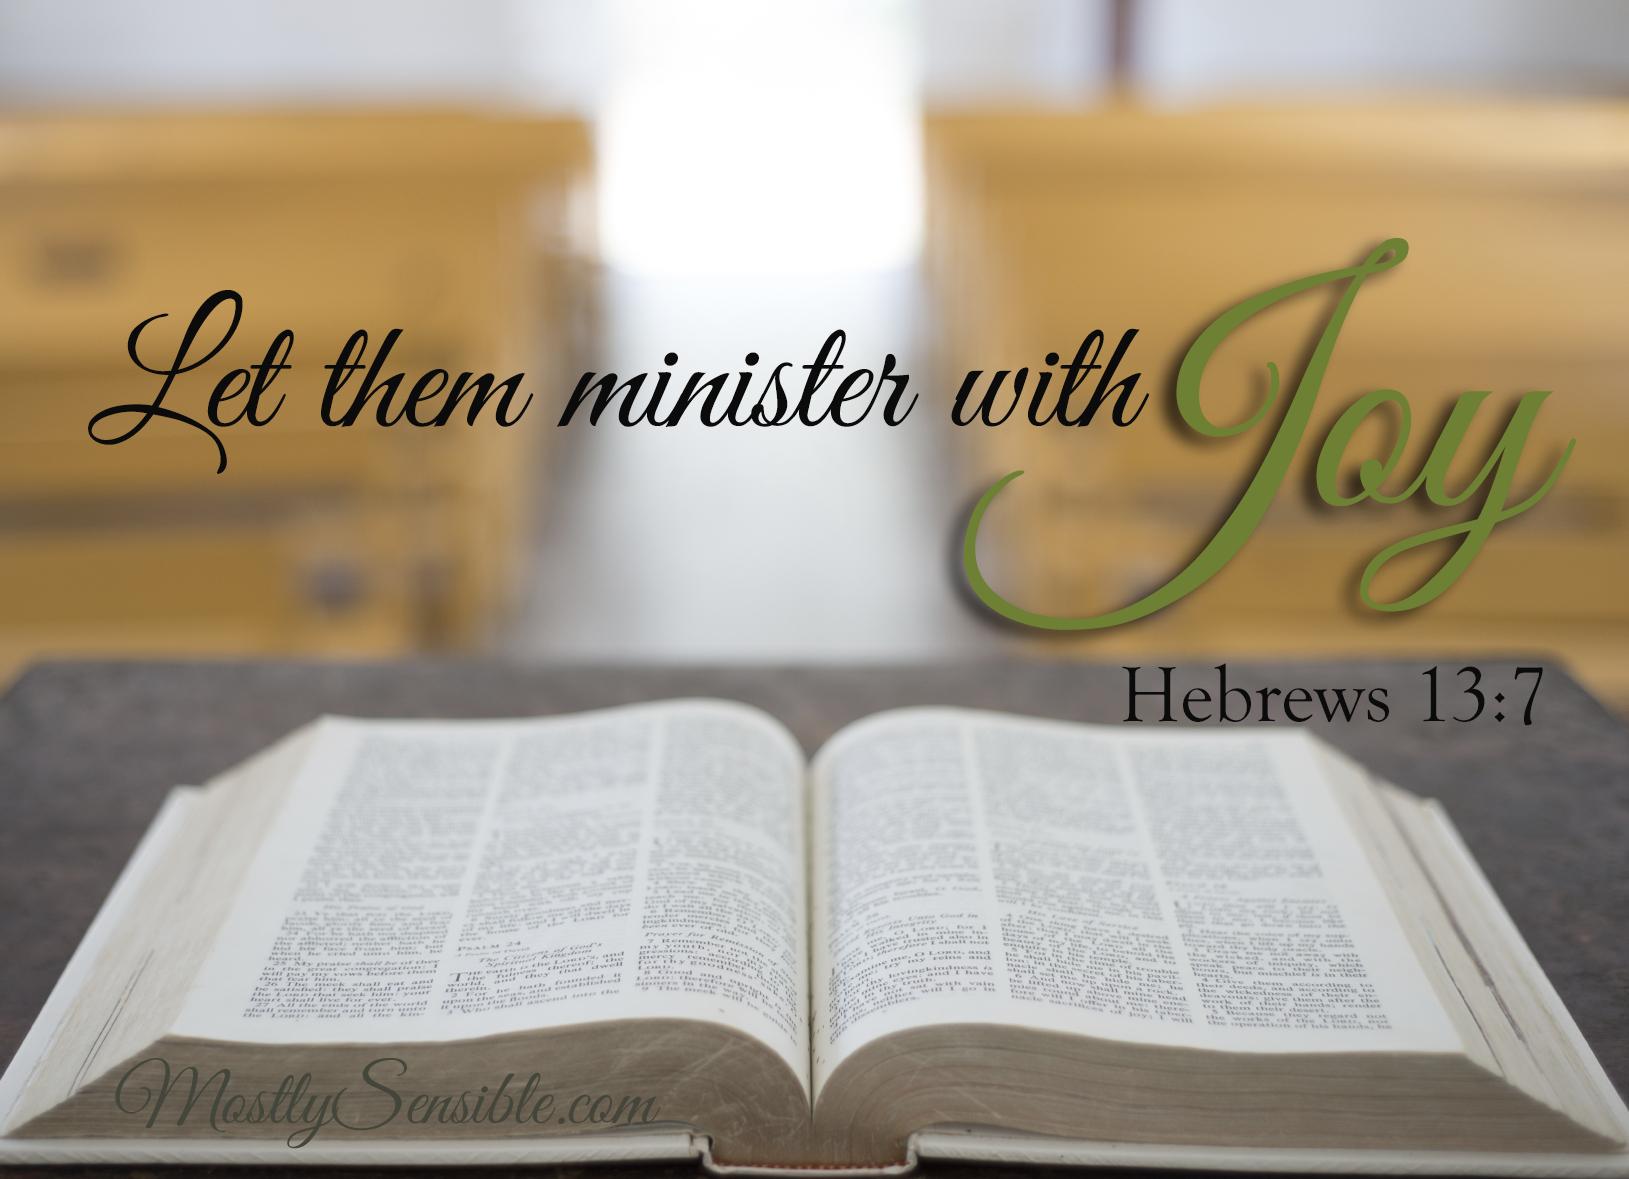 Hebrews 13.7